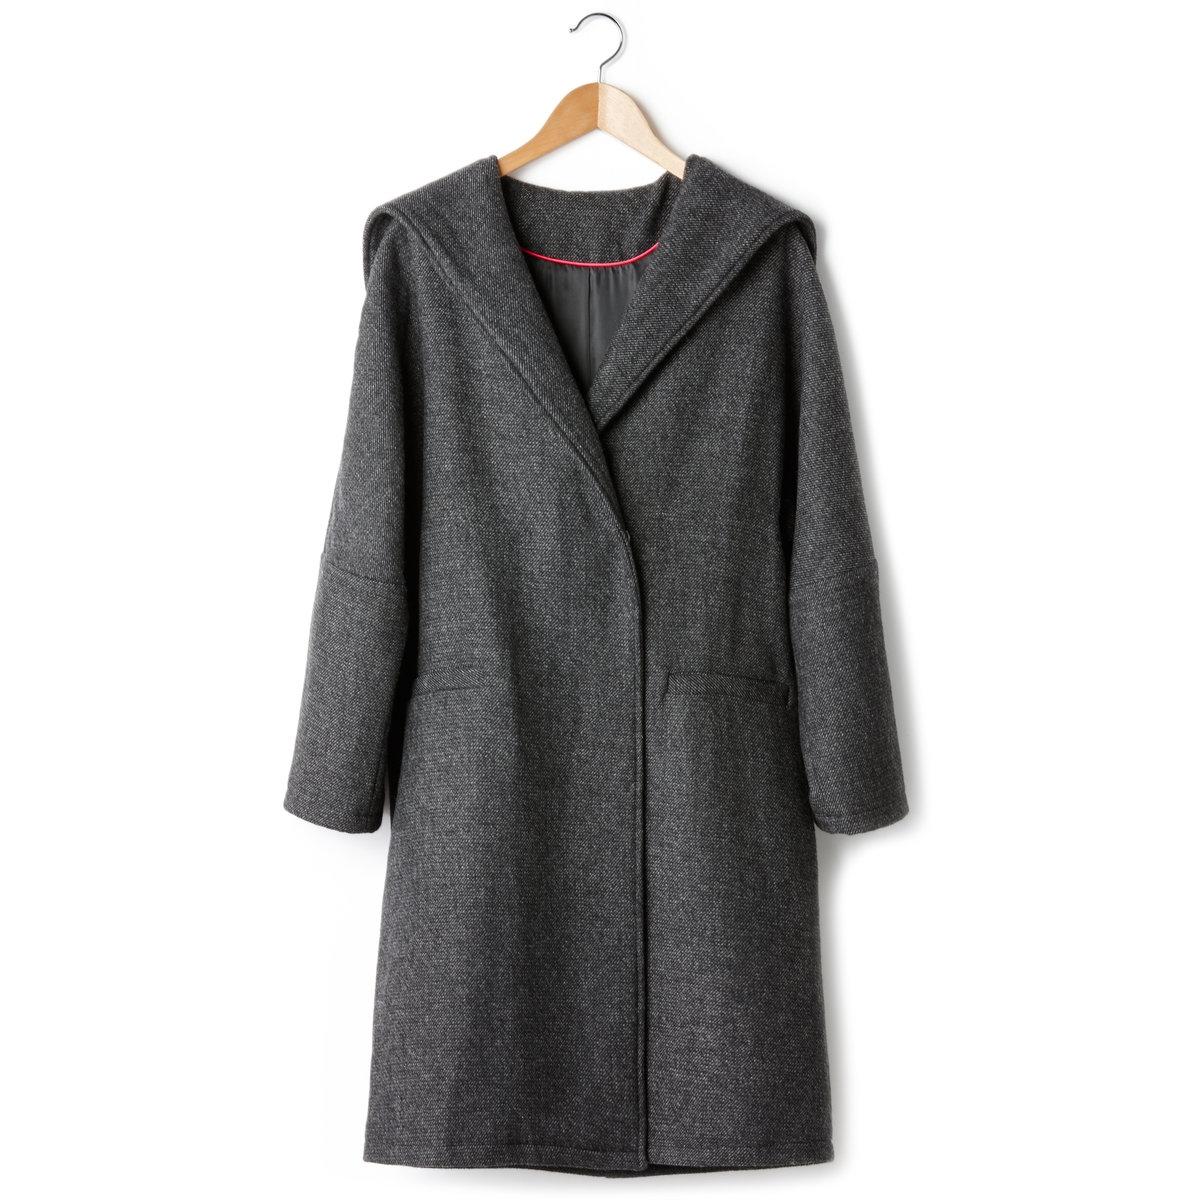 Пальто-кокон с капюшономДлинное пальто-кокон с капюшоном. 2 кармана спереди. Застежка на пуговицу и кнопку.  57% полиэстера, 38% шерсти, 5% других волокон, подкладка: 100% полиэстера. Длина 90 см.<br><br>Цвет: темно-зеленый,черный<br>Размер: 38 (FR) - 44 (RUS).36 (FR) - 42 (RUS).34 (FR) - 40 (RUS)